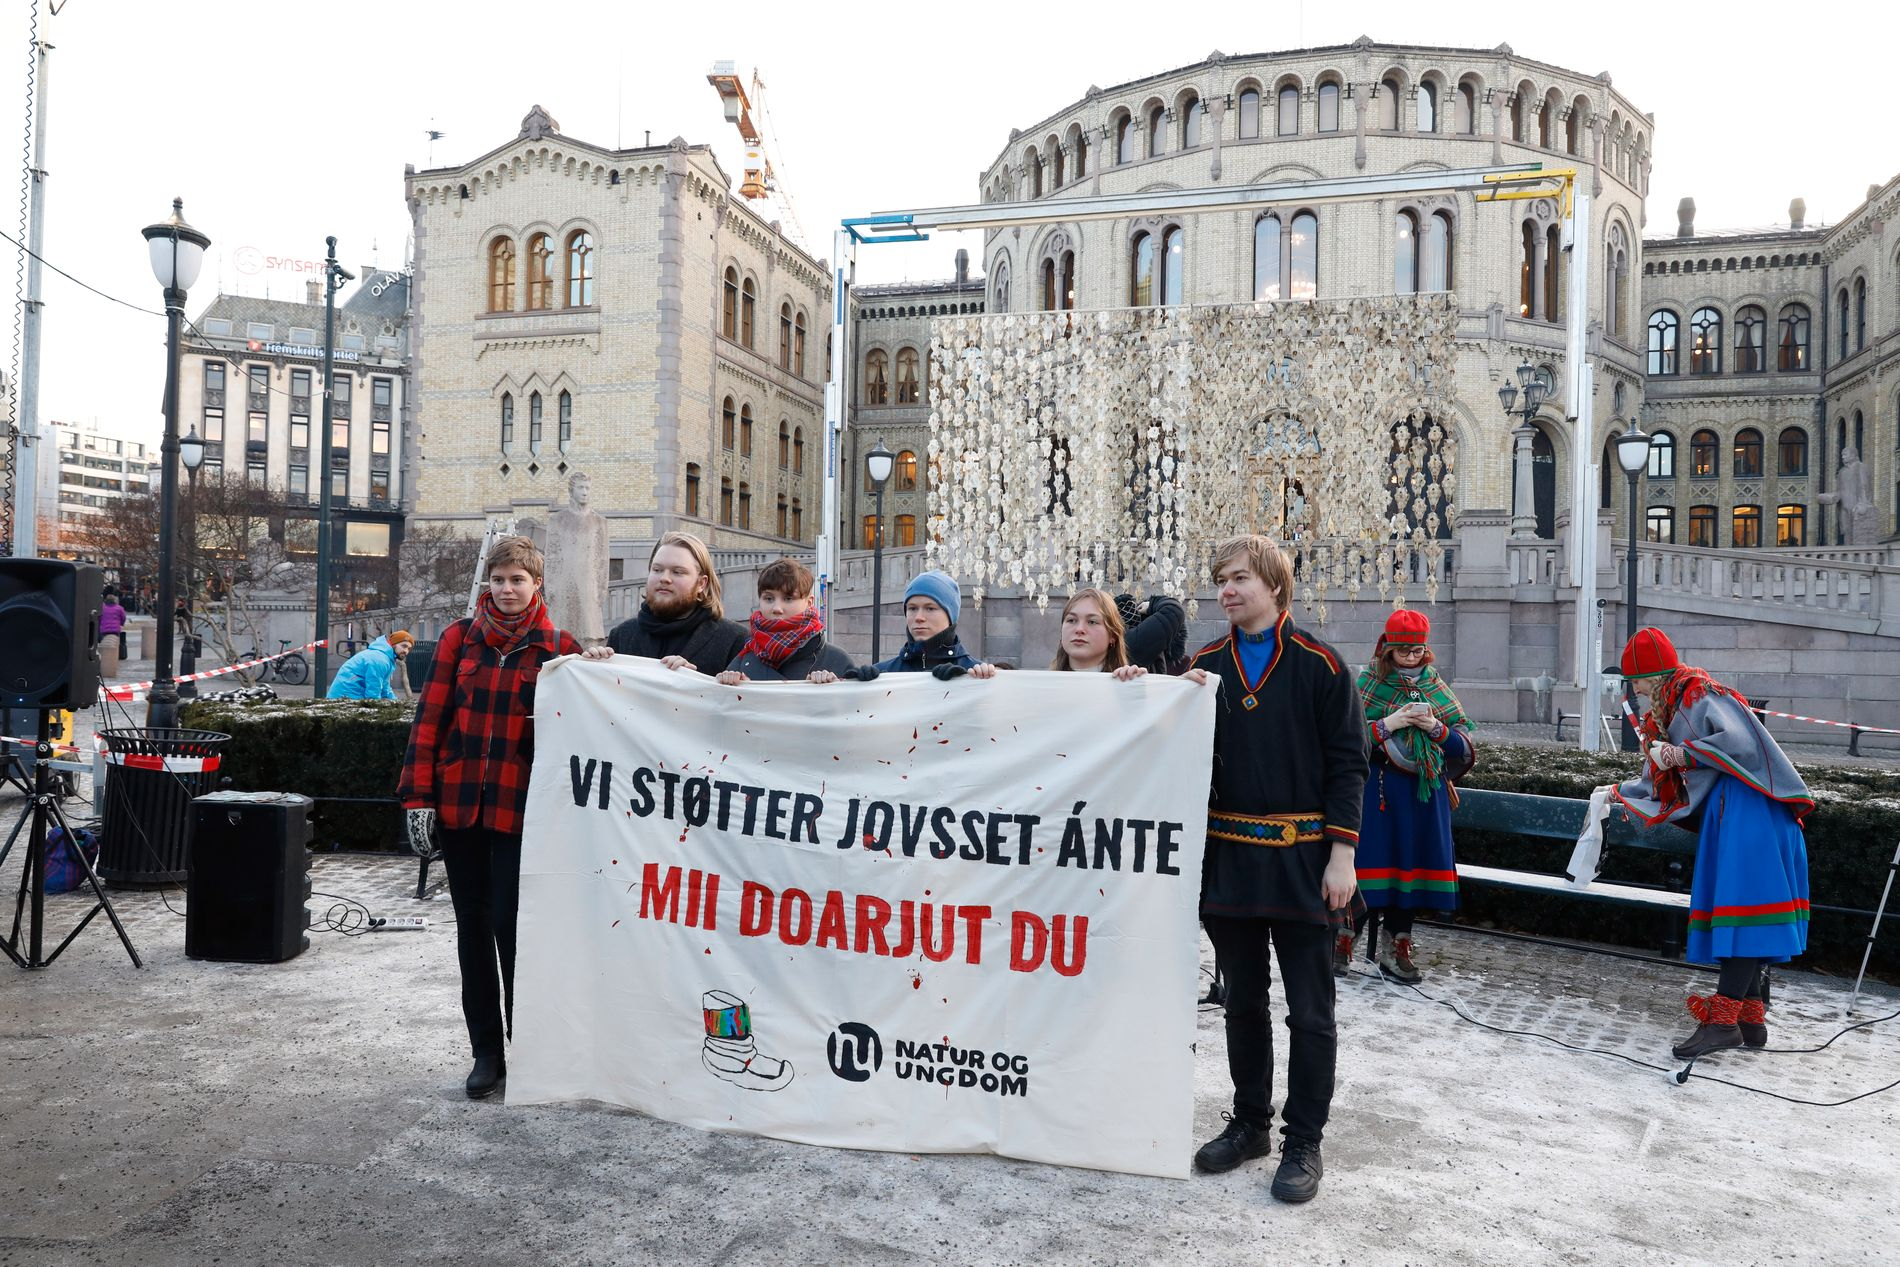 STØTTE: Aksjonister fra Natur og ungdom markerer sin støtte til reineier Jovsset Ante Sara, foran 400 reinsdyrskaller som er utstilt foran Stortinget i anledning rettssaken mot Jovsset Ánte Sara.